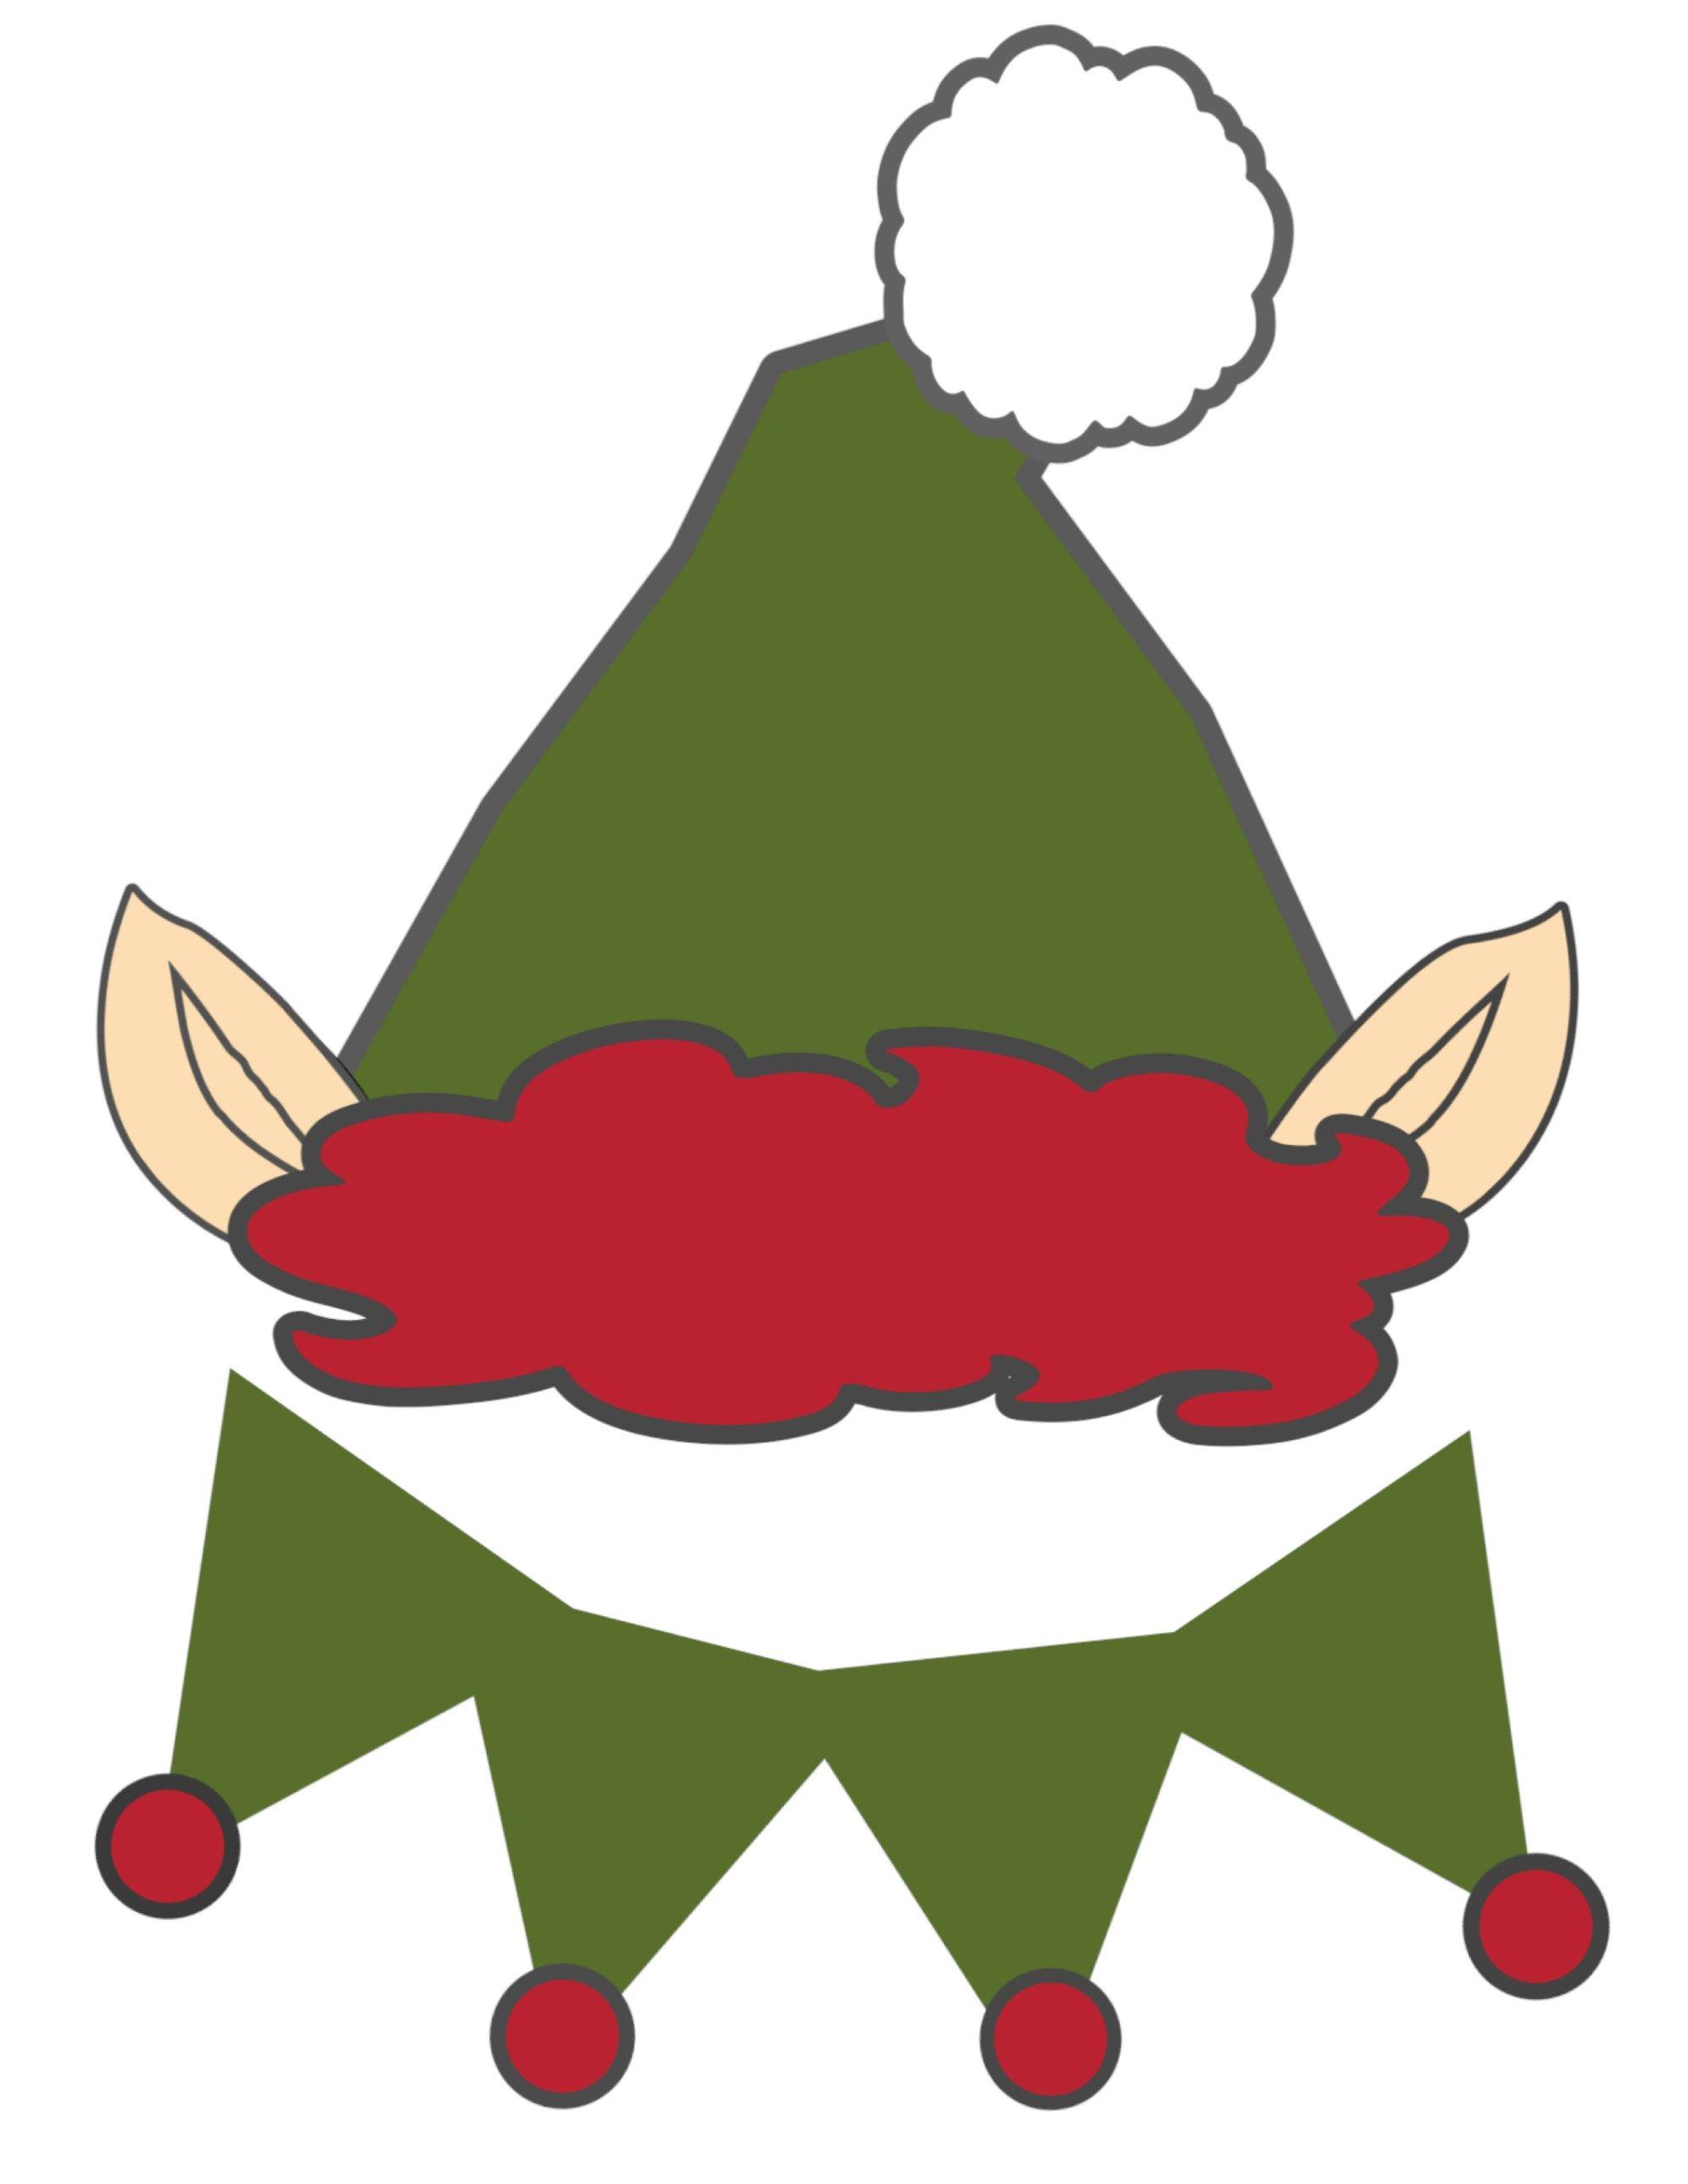 Free Christmas Photo Booth Props Printable | Christmas | Pinterest - Free Printable Christmas Props